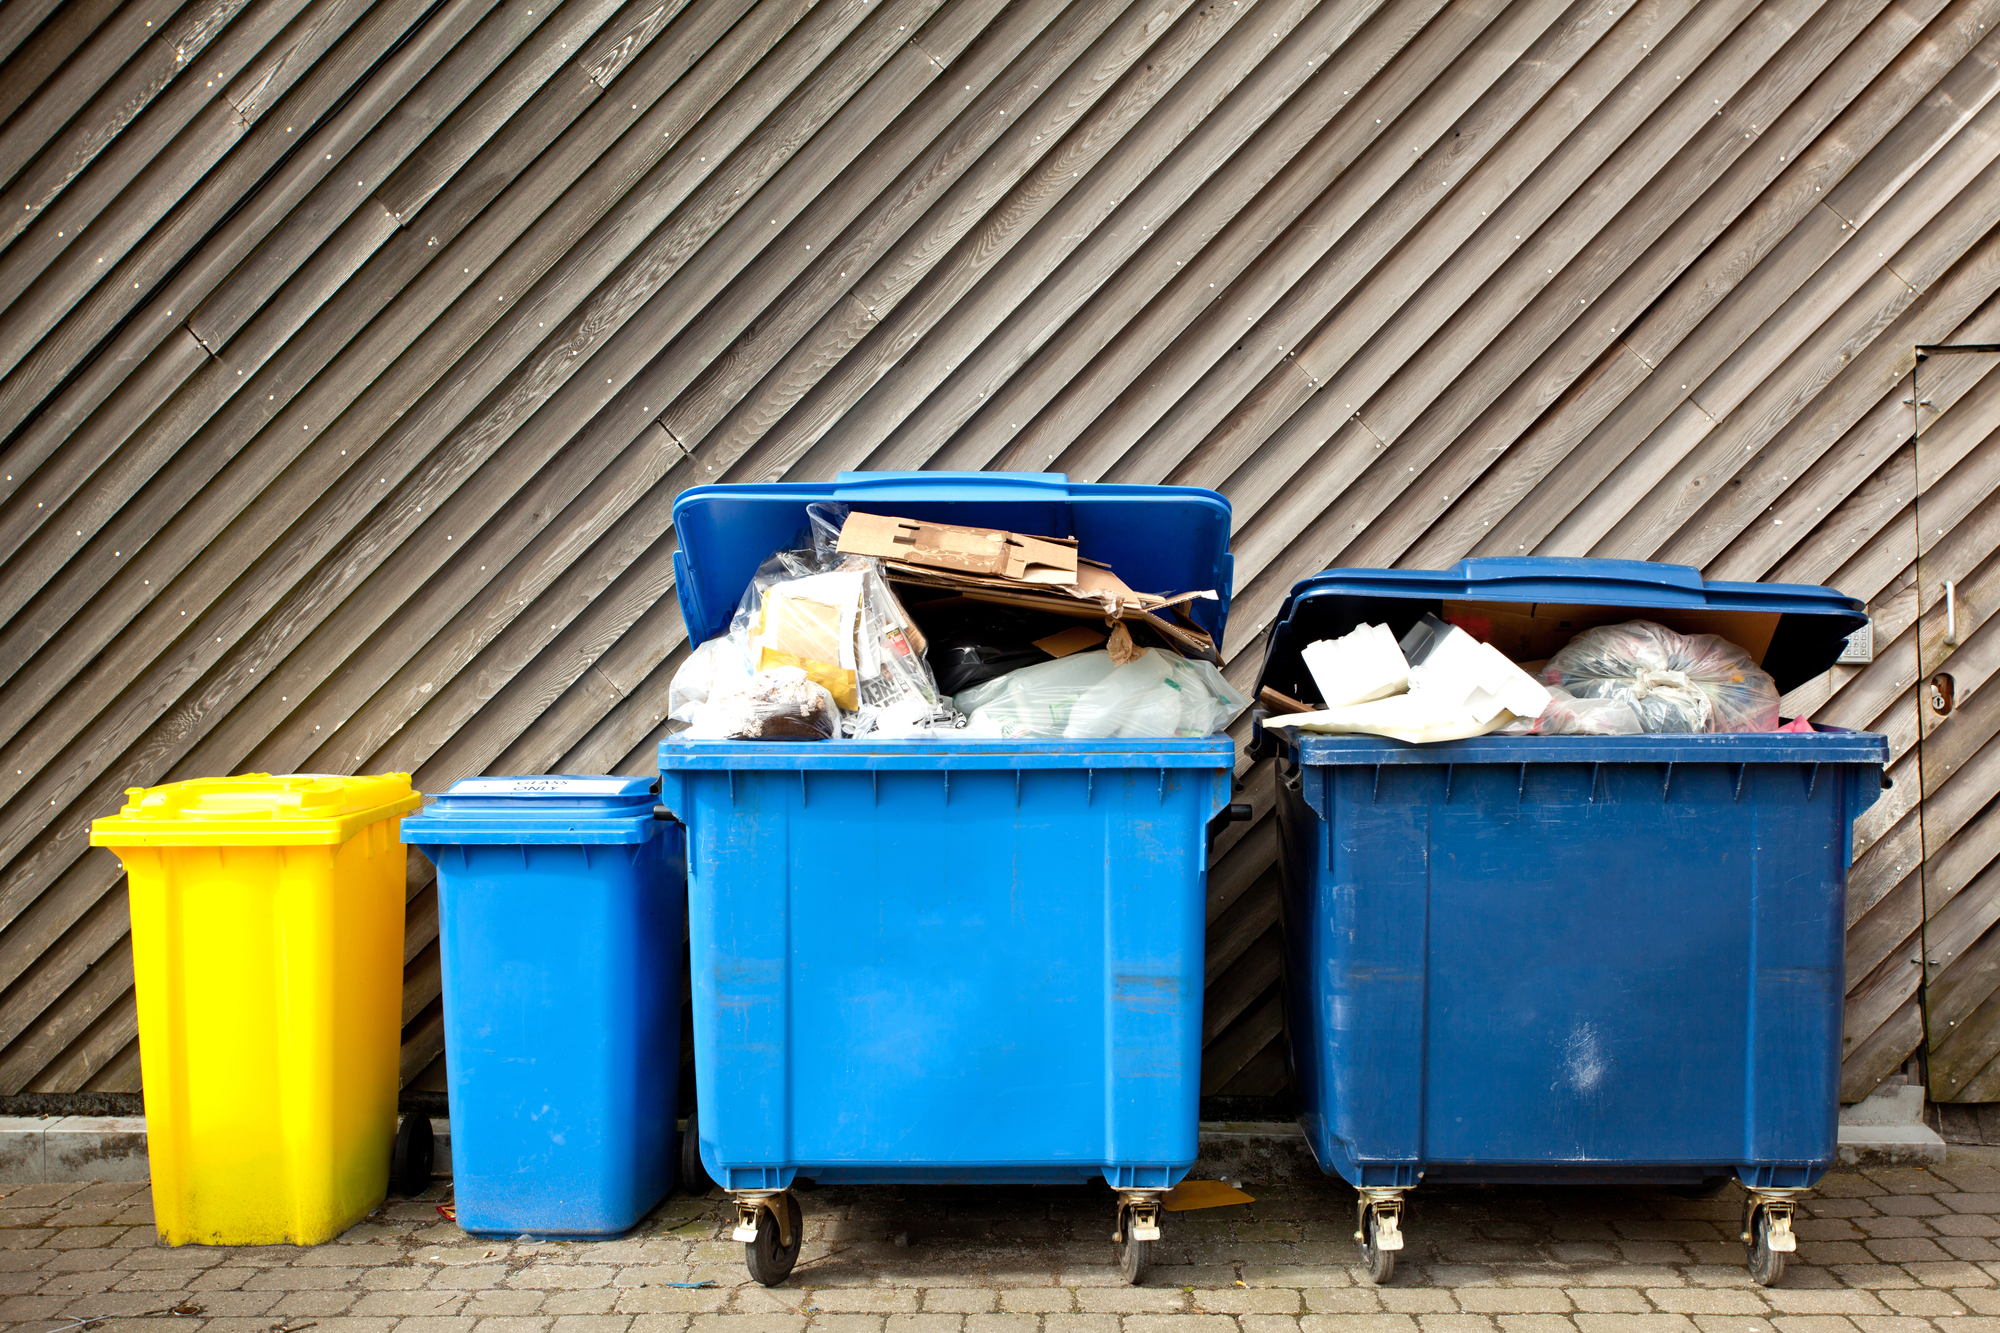 Multiple Wheeled Trash Bins For Waste Management Audits Blog